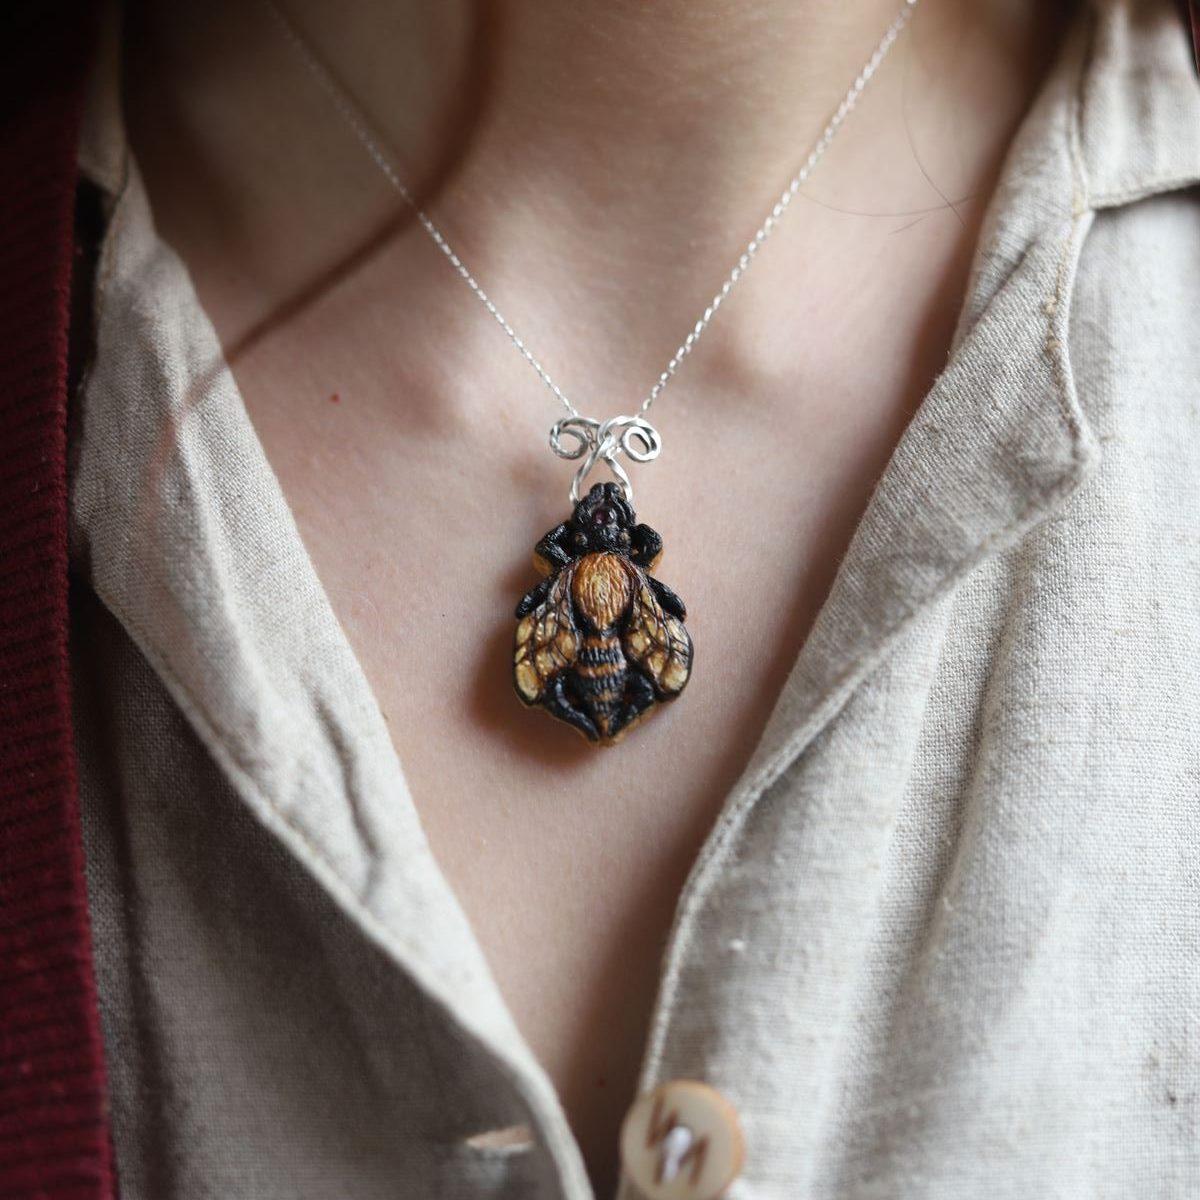 Collier, bois, sculpture, abeille, argent, artisanat français écologique, atelier de la lettre aux ours, missive to bears, bijoux